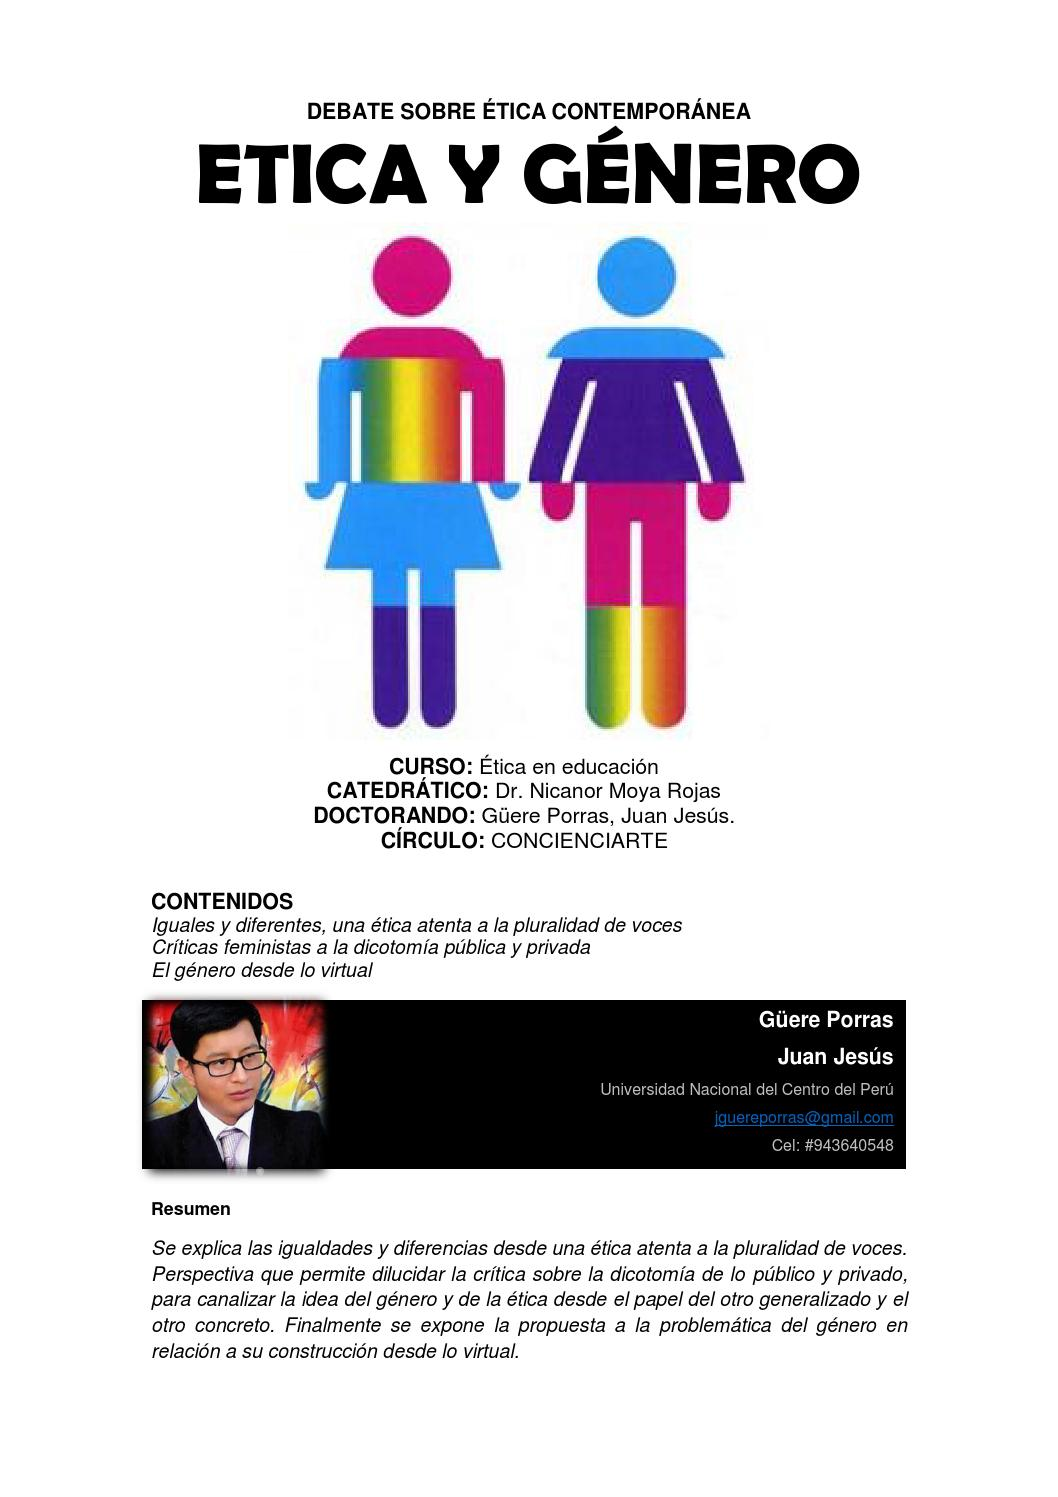 Ética y género, un debate contemporáneo by Juan Jesús